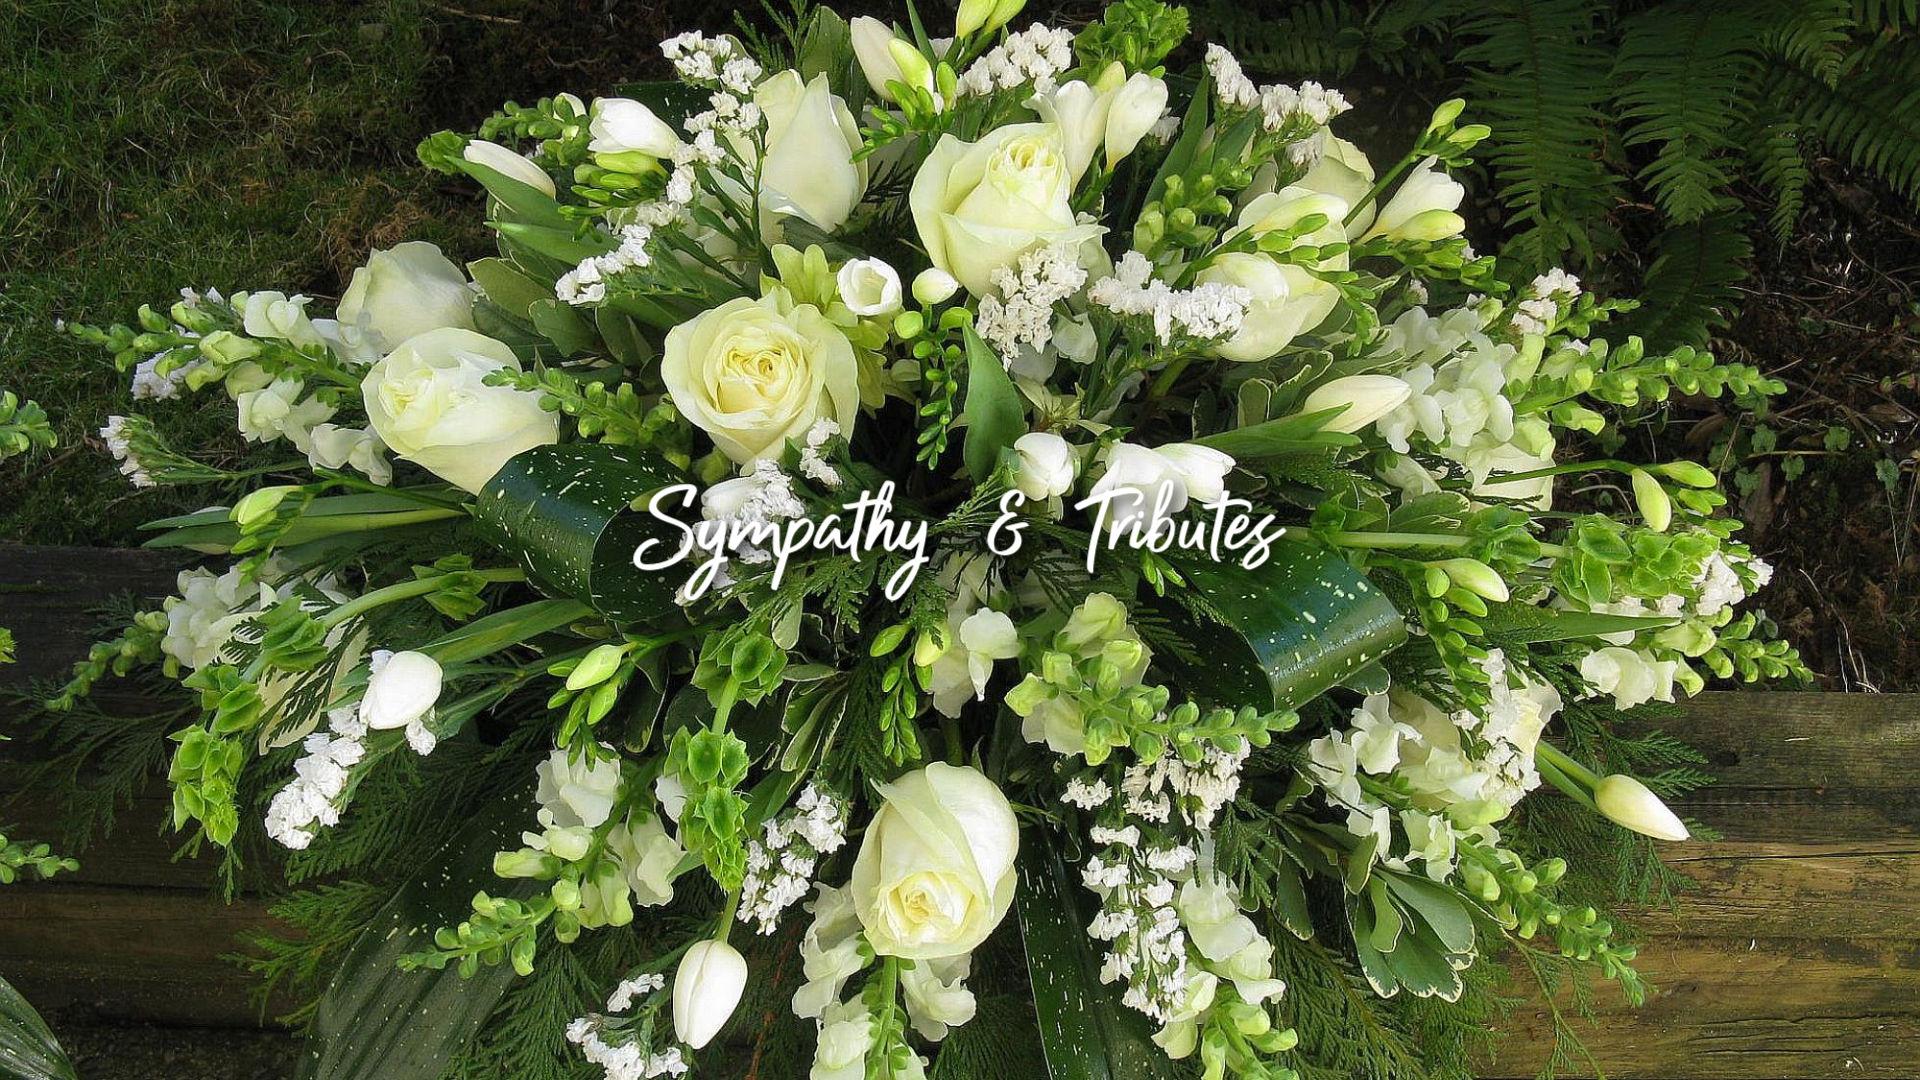 sympathy & tributes(1)(2)